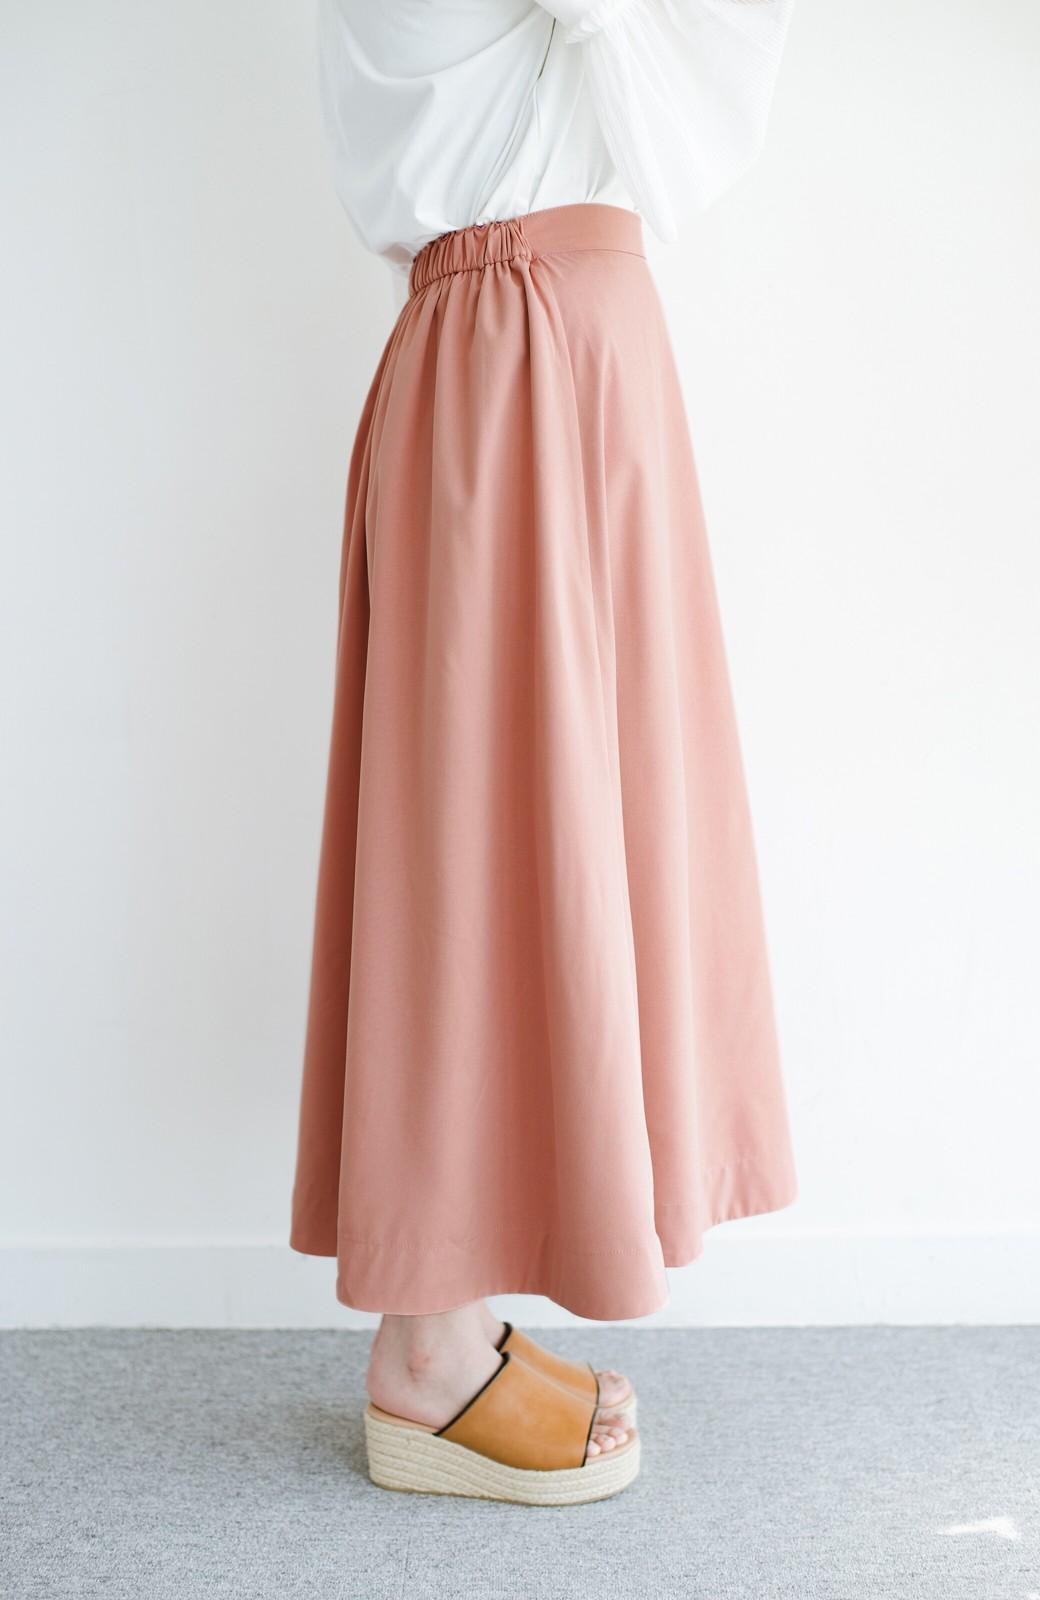 haco! オフィスにもデートにも! 便利なのはきれいに見えて楽ちんなリバーシブルスカート <ピンク系その他>の商品写真8